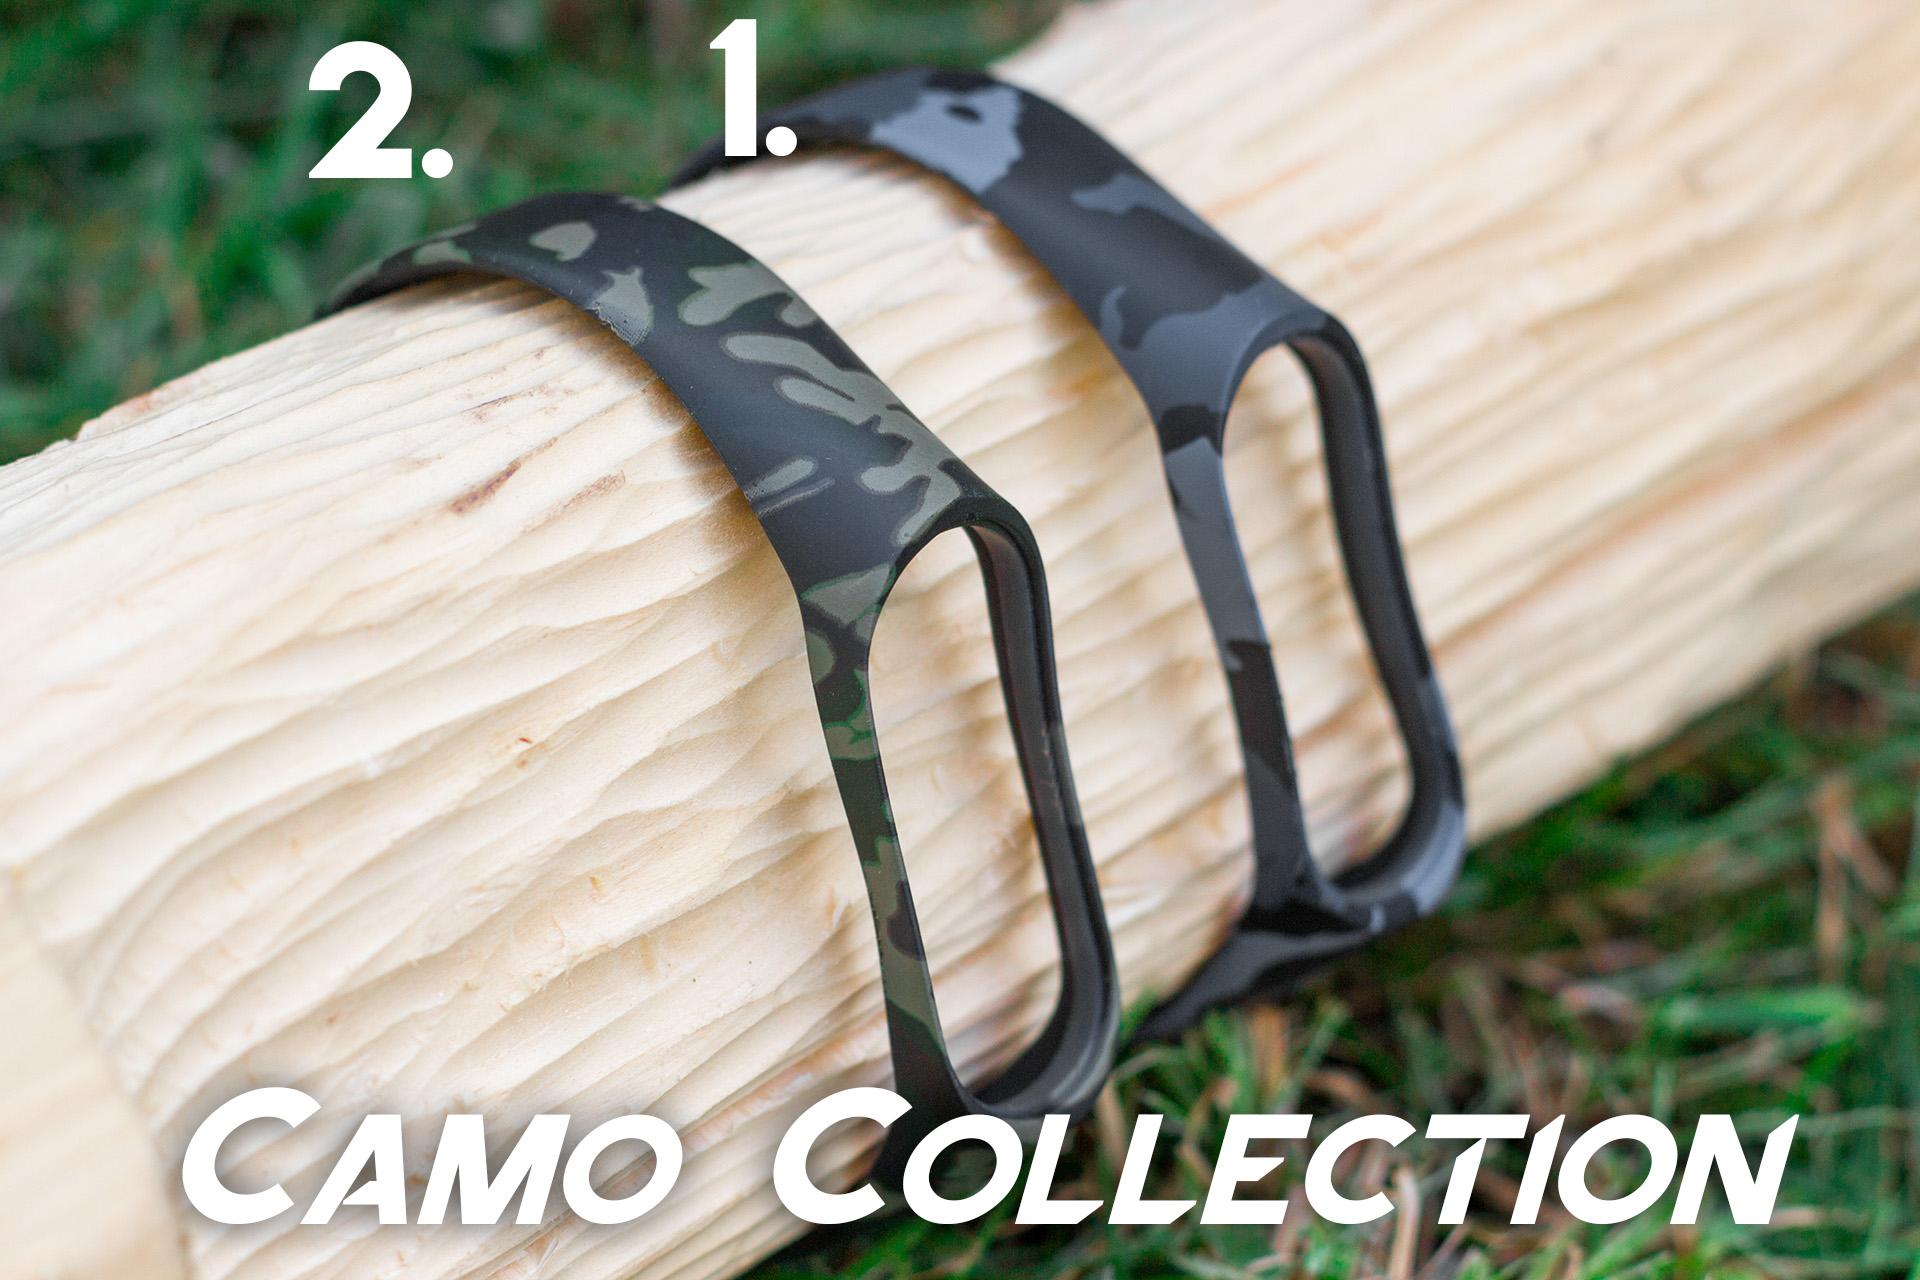 Mi Band 3 szilikon pánt - Camo 2